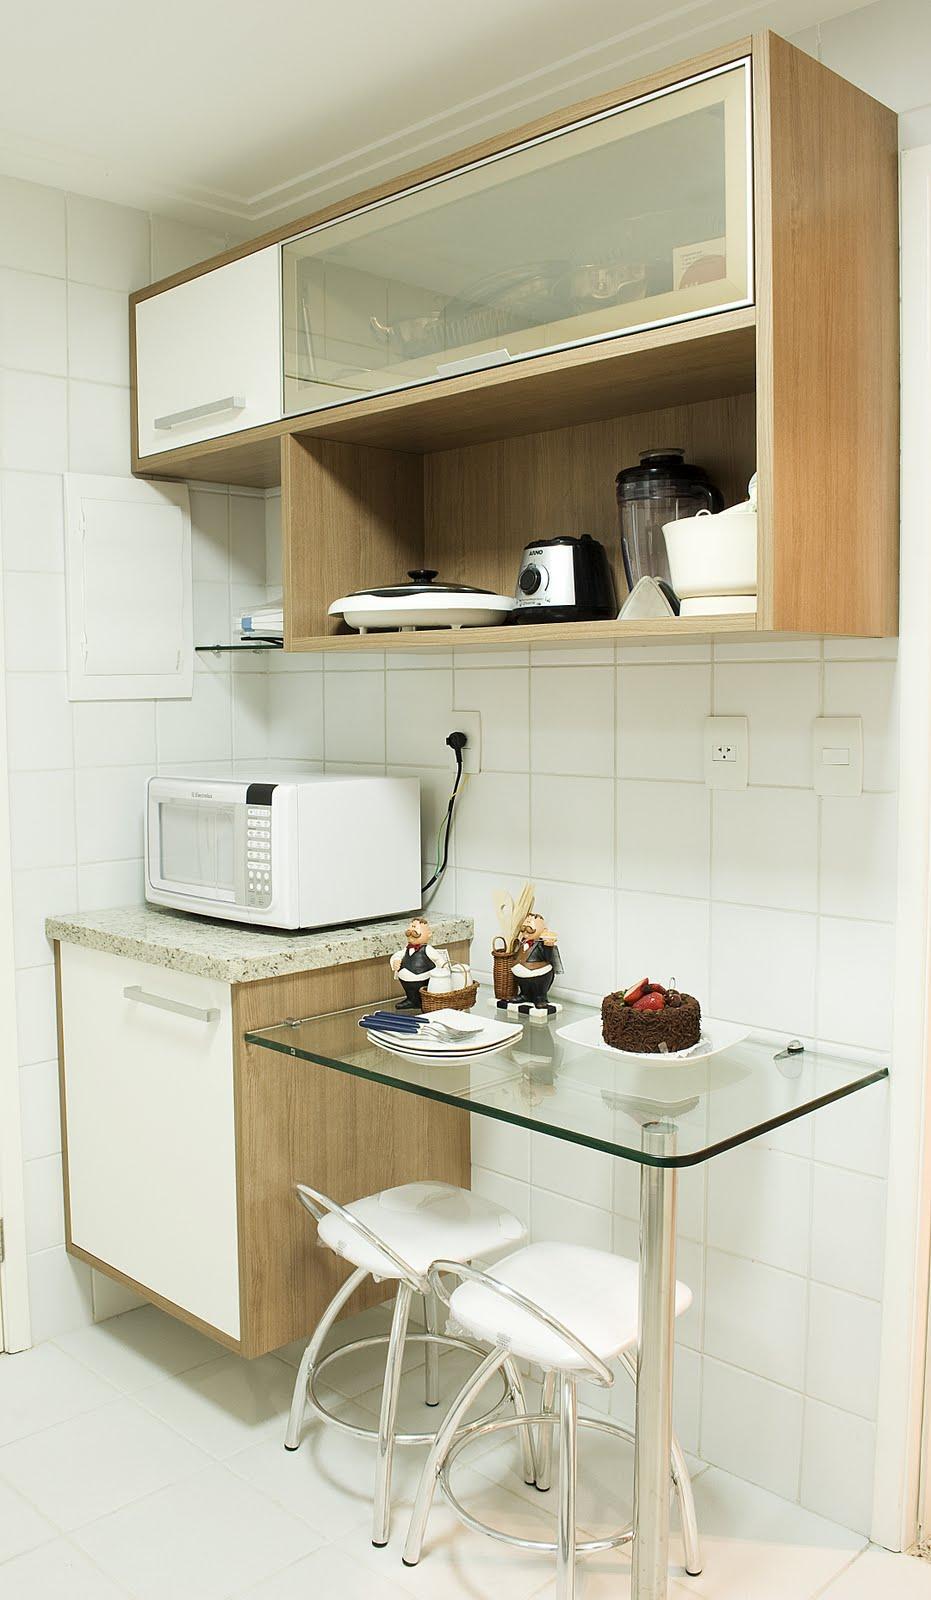 Cozinha Pequena Compacta Cozinhas Cozinha Planejada Cozinha